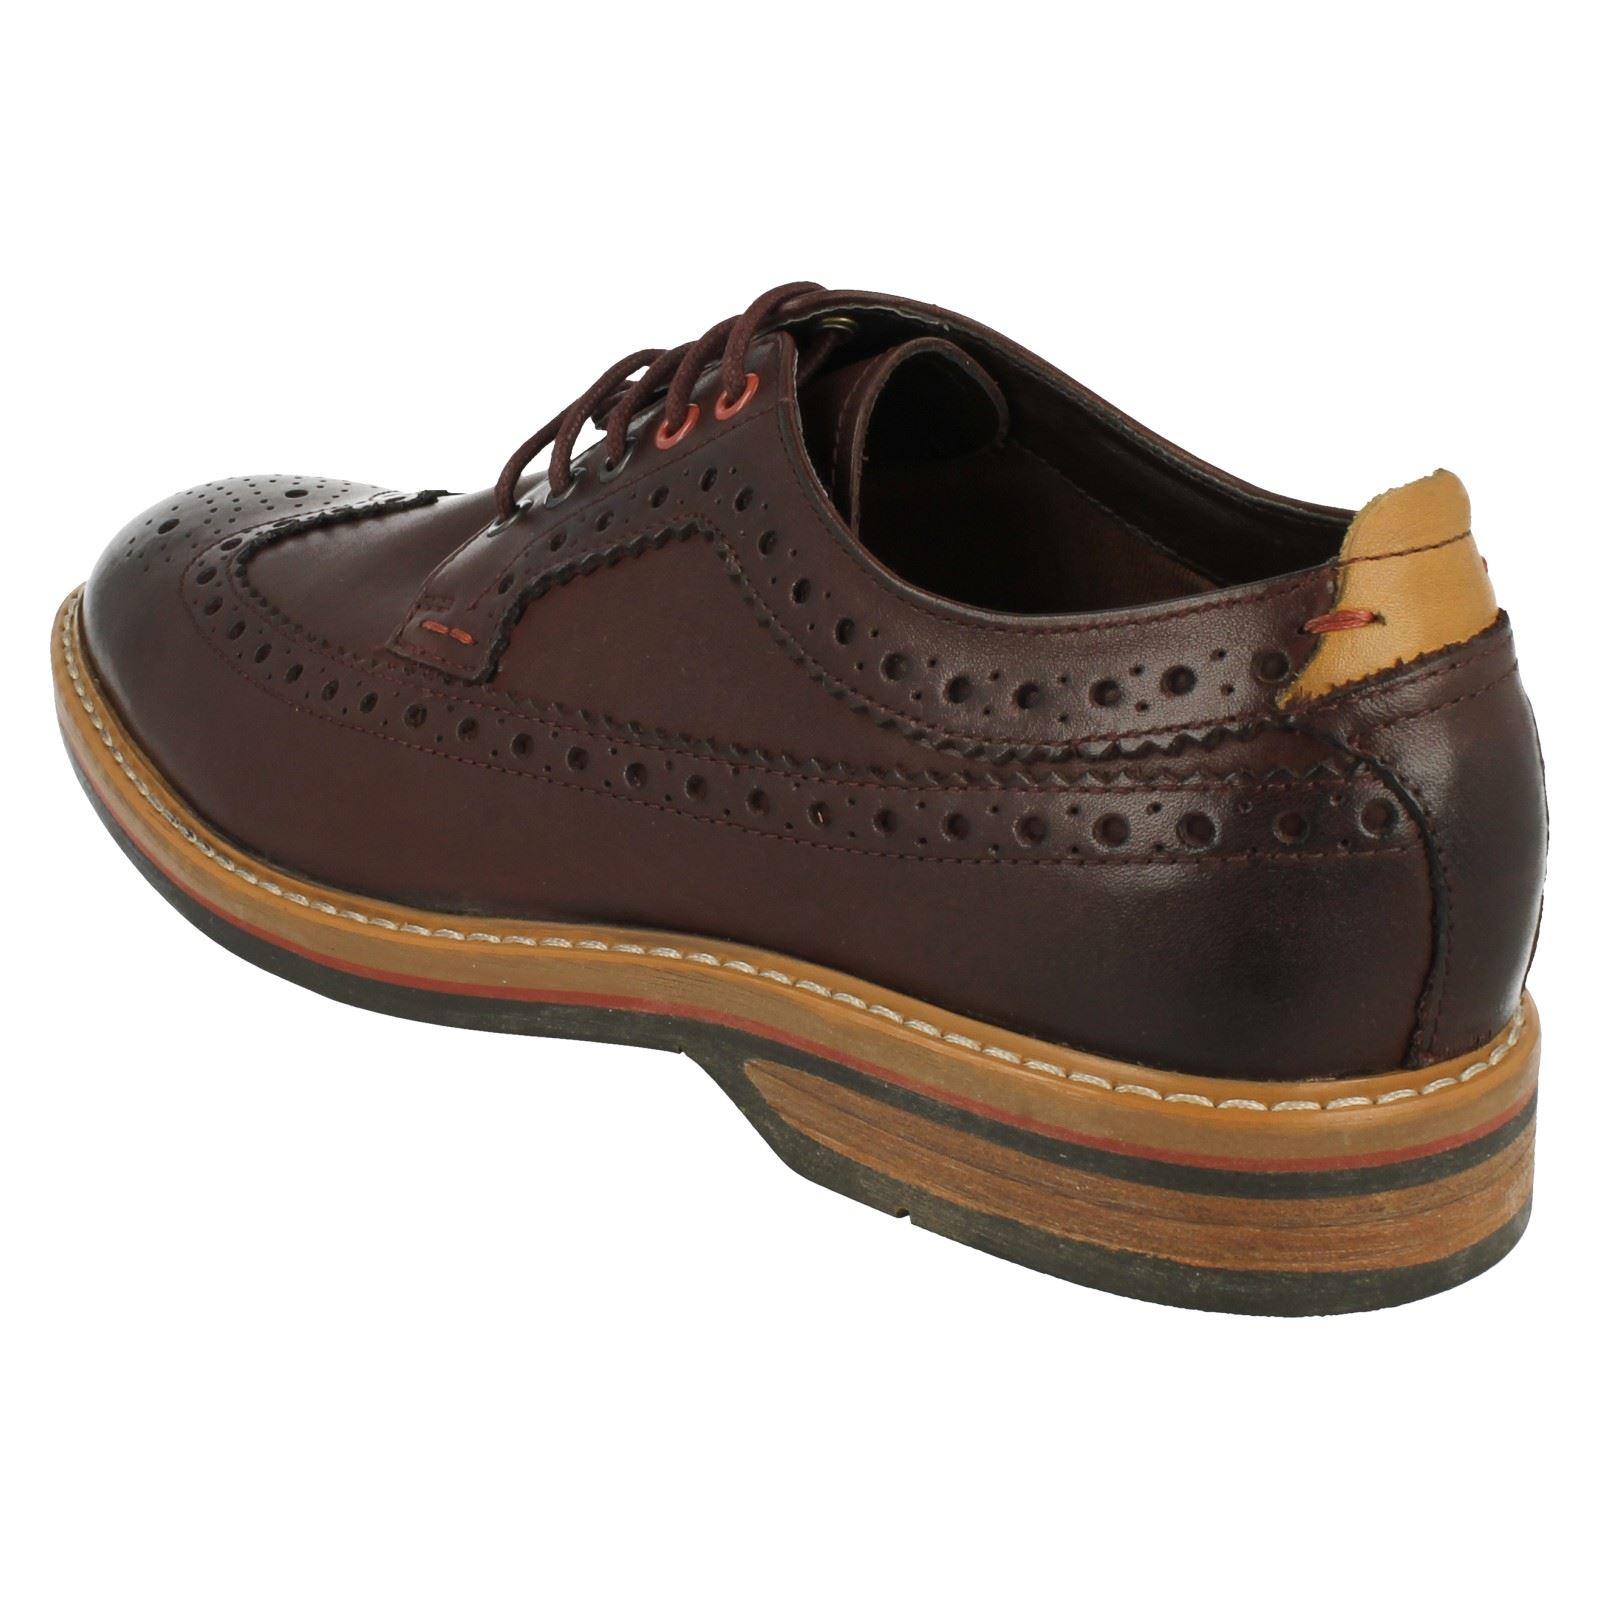 brogue Calzado casual hombre estilo Limit para Pitney Chestnut Clarks marrón elegante wxaYYq